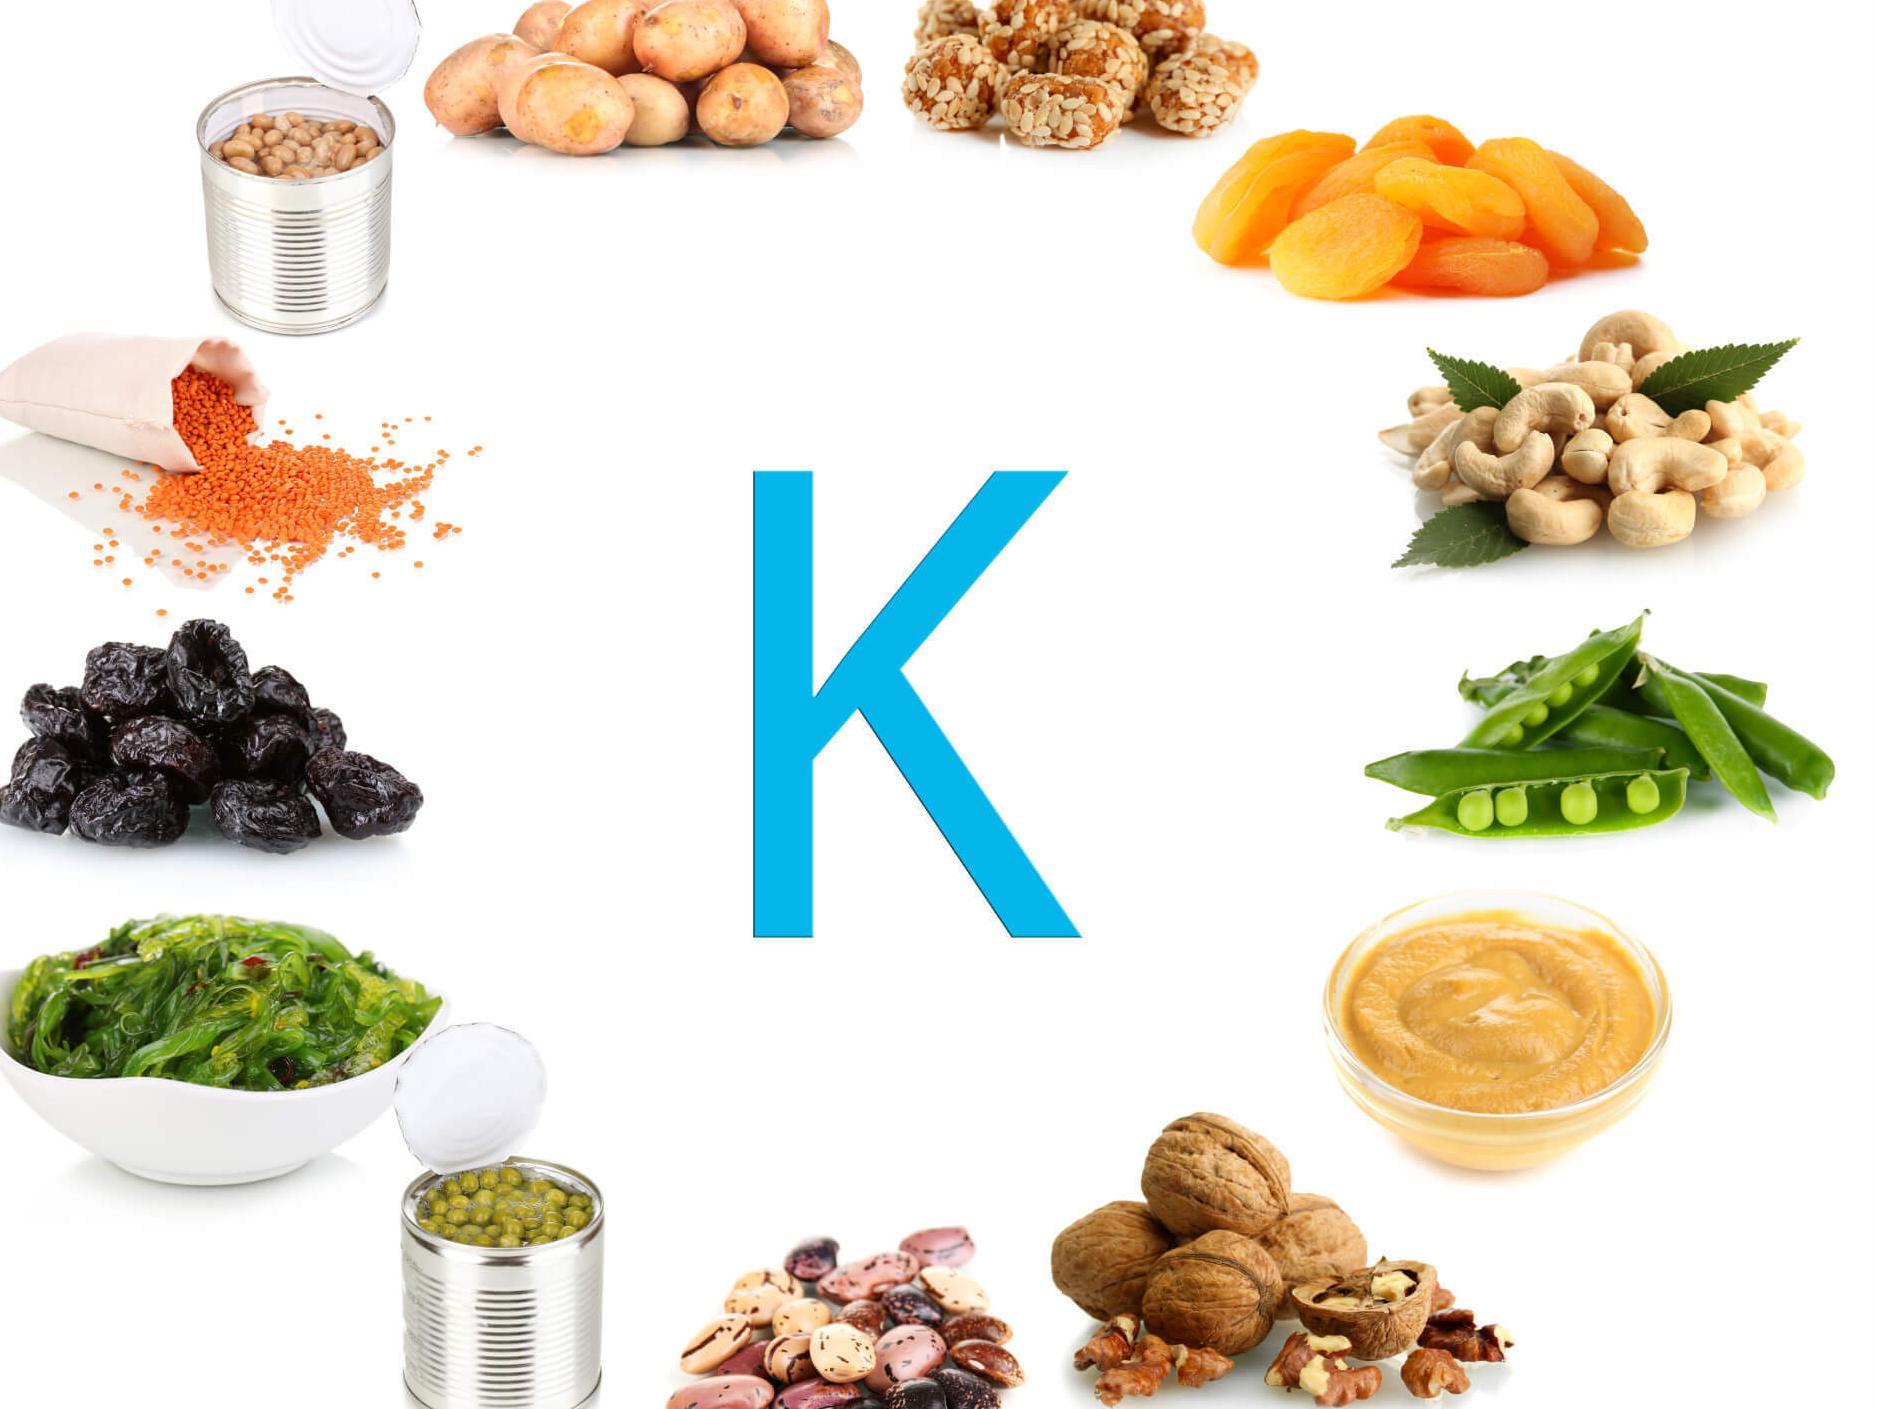 картинки с продуктами содержащими витамины основе взбитого